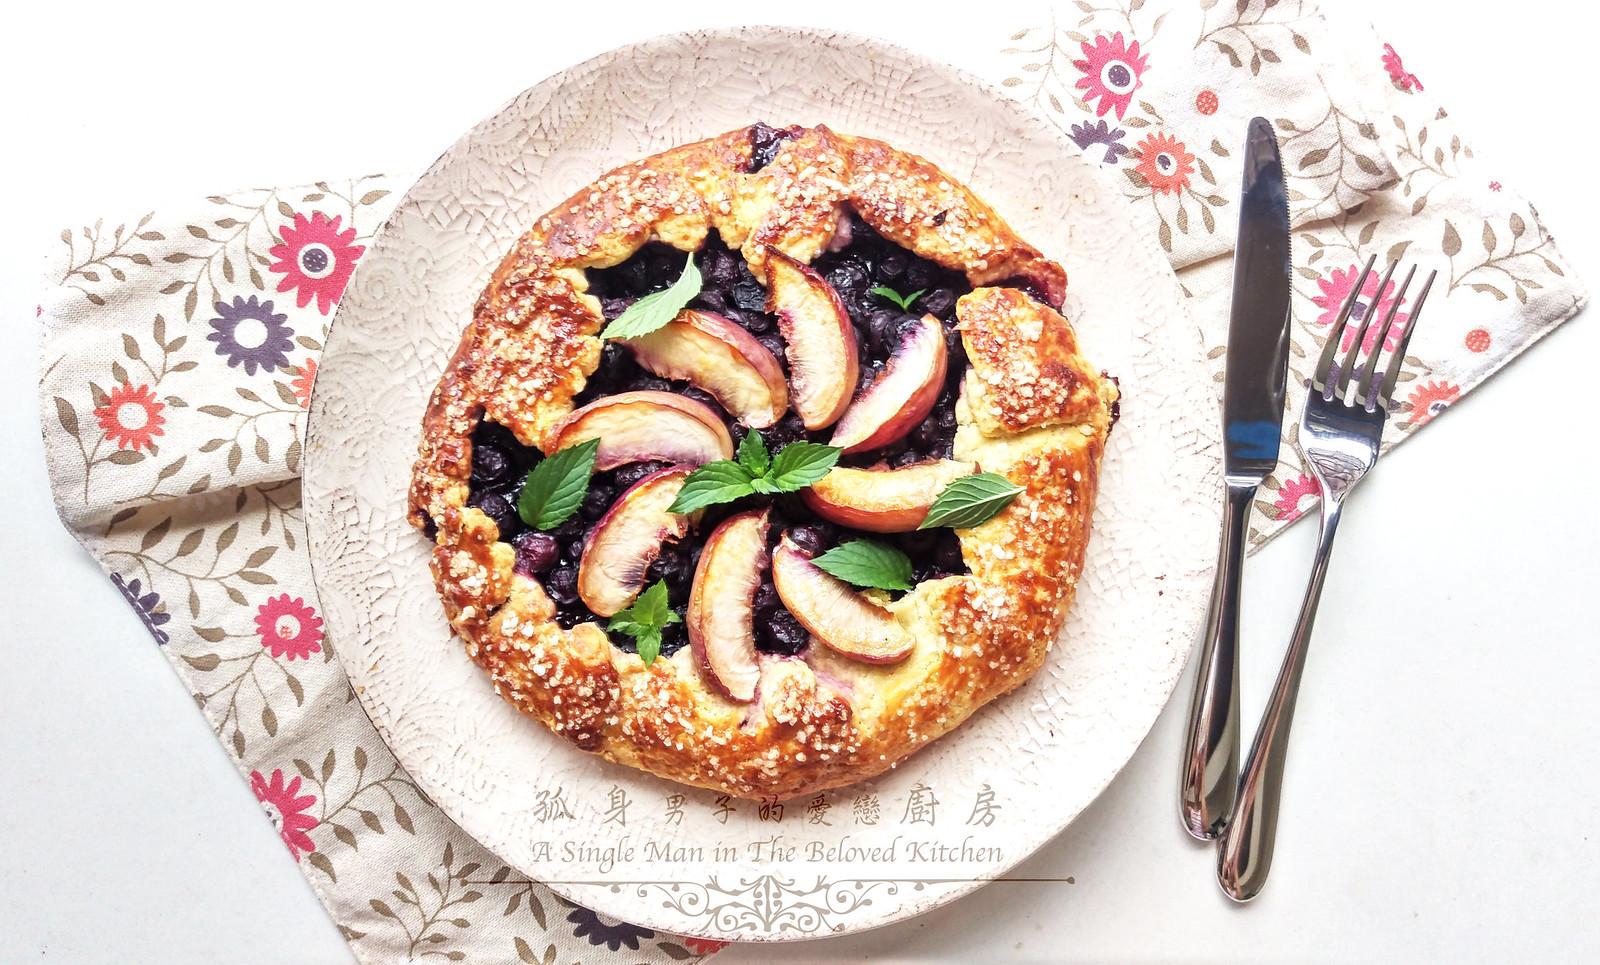 孤身廚房-藍莓甜桃法式烘餅Blueberry-Nectarin Galette28